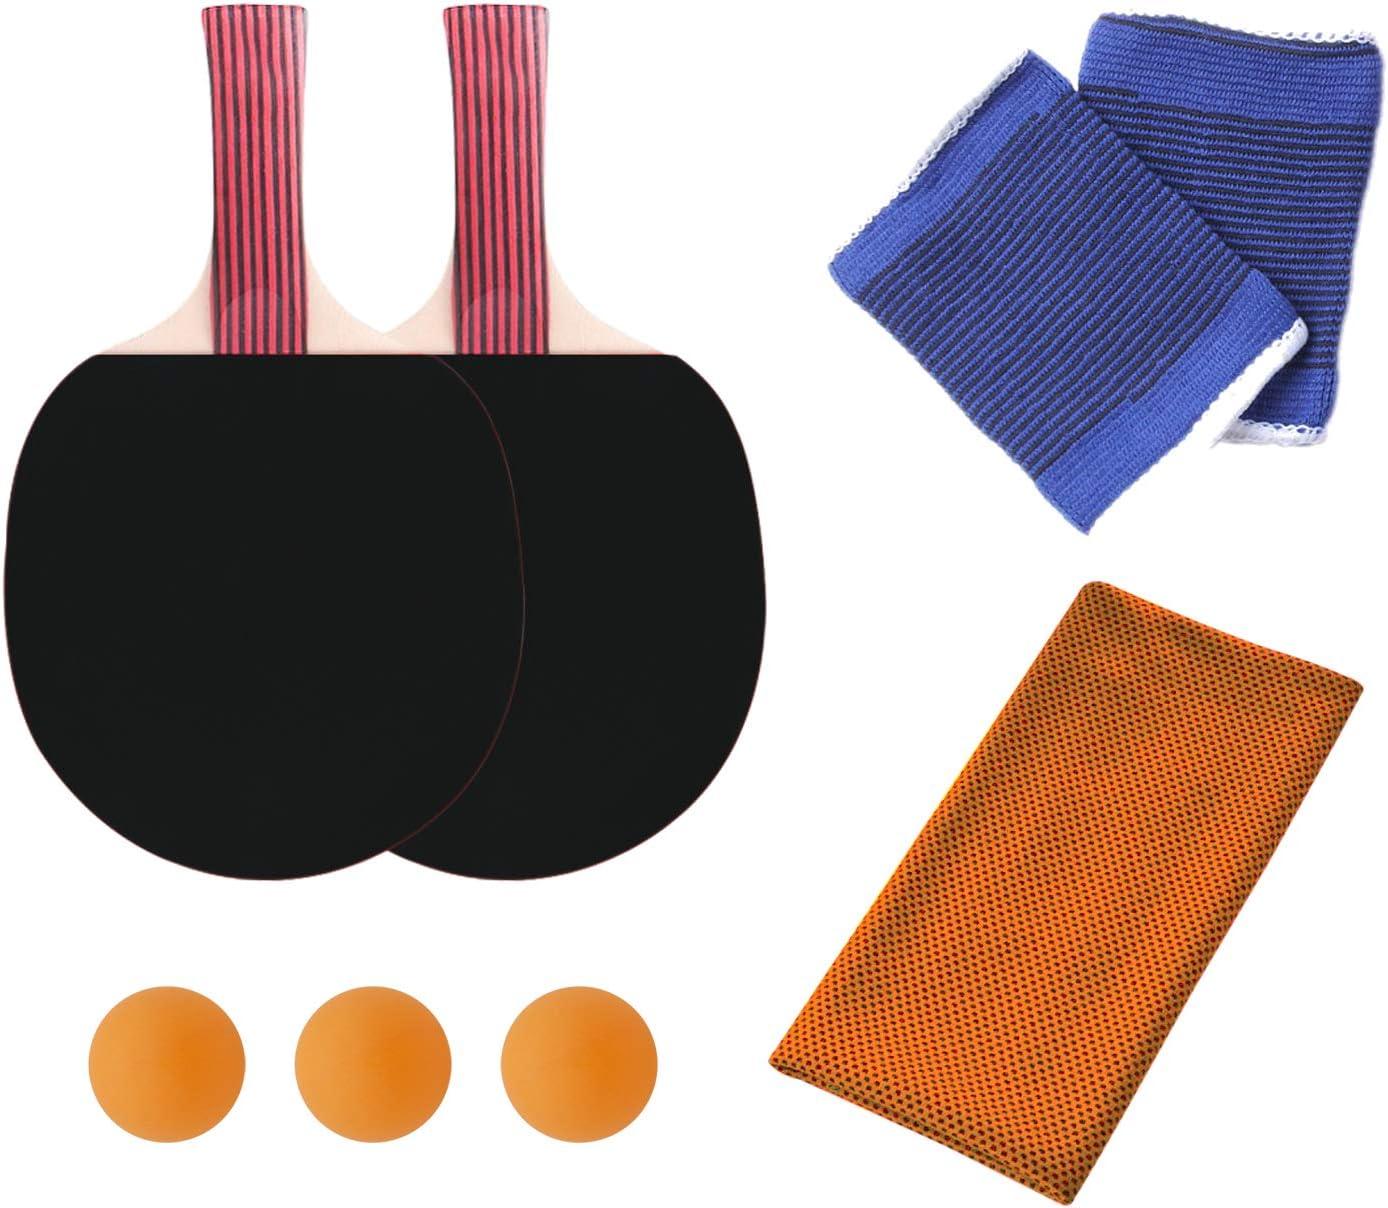 KINDOYO Palas Tenis de Mesa - 2 Raqueta y 3 Bolas Escuela Deportes en Casa